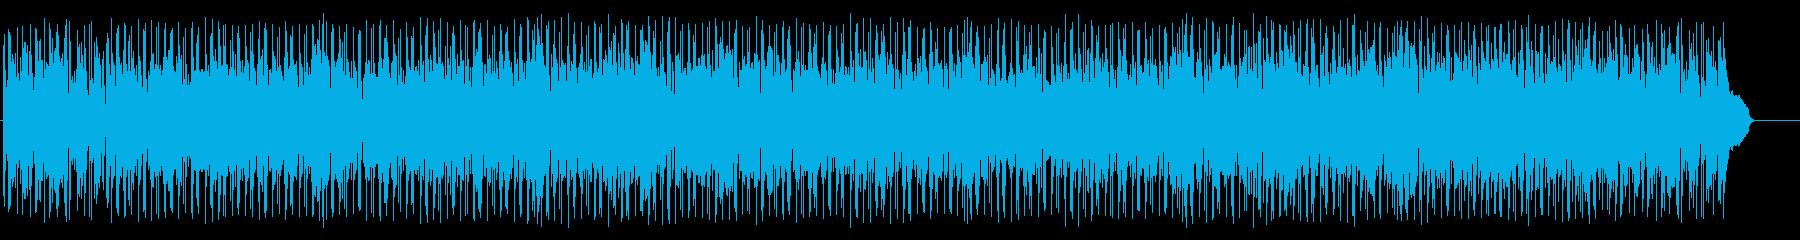 不安をはねのけるポップ(フルサイズ)の再生済みの波形